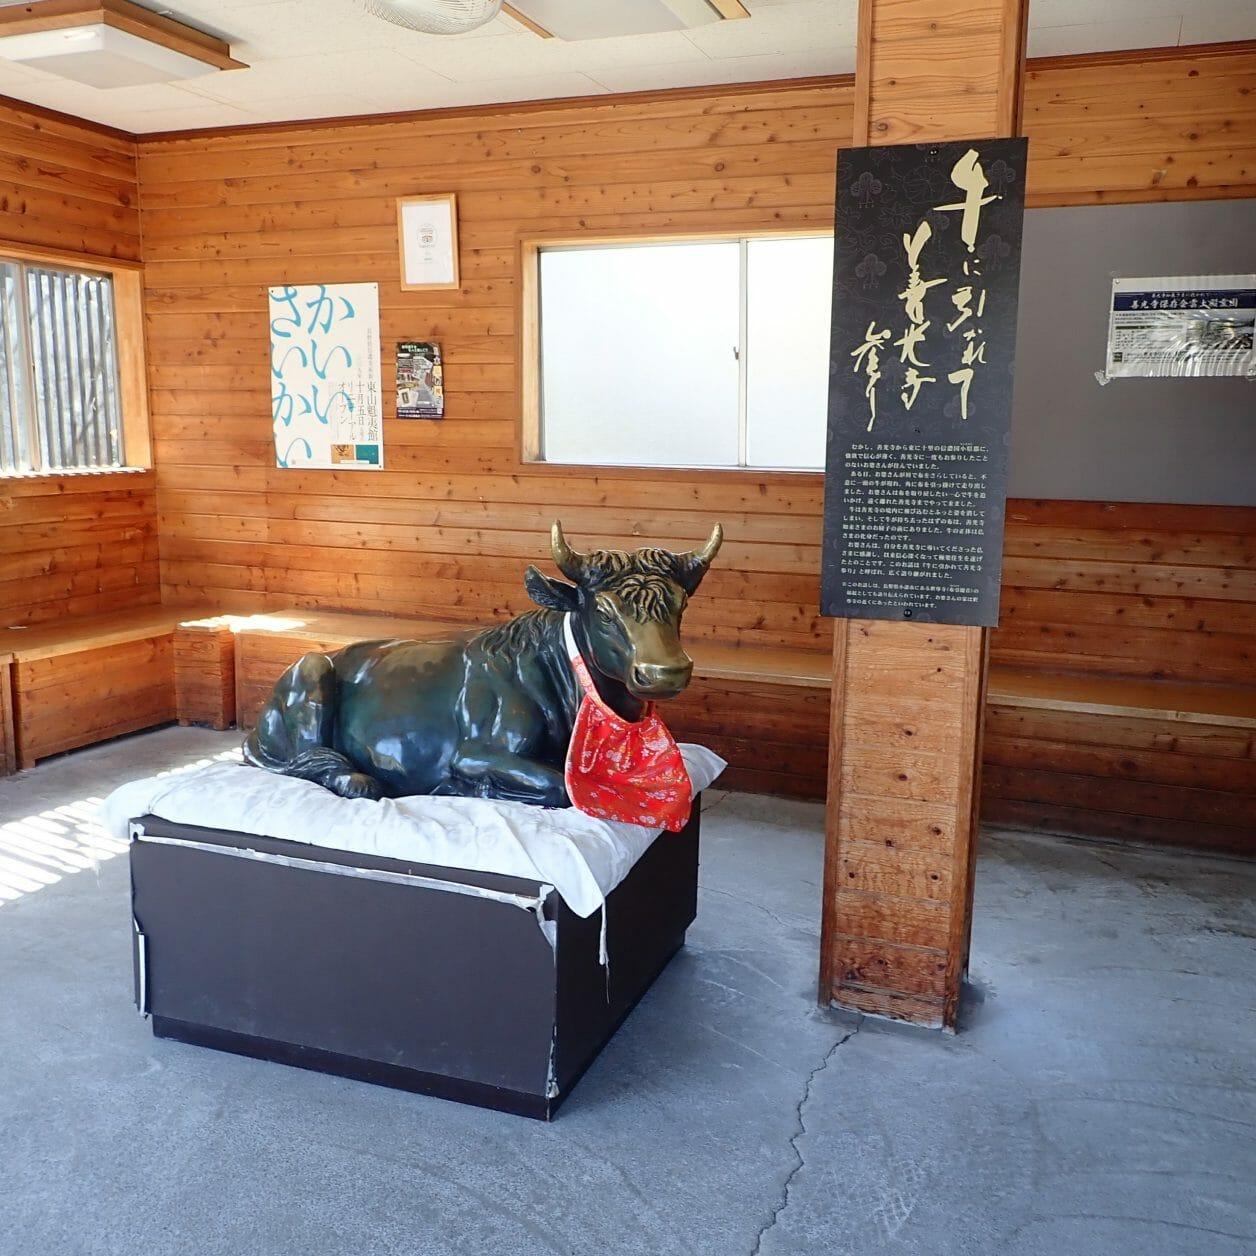 善光寺の観光案内所